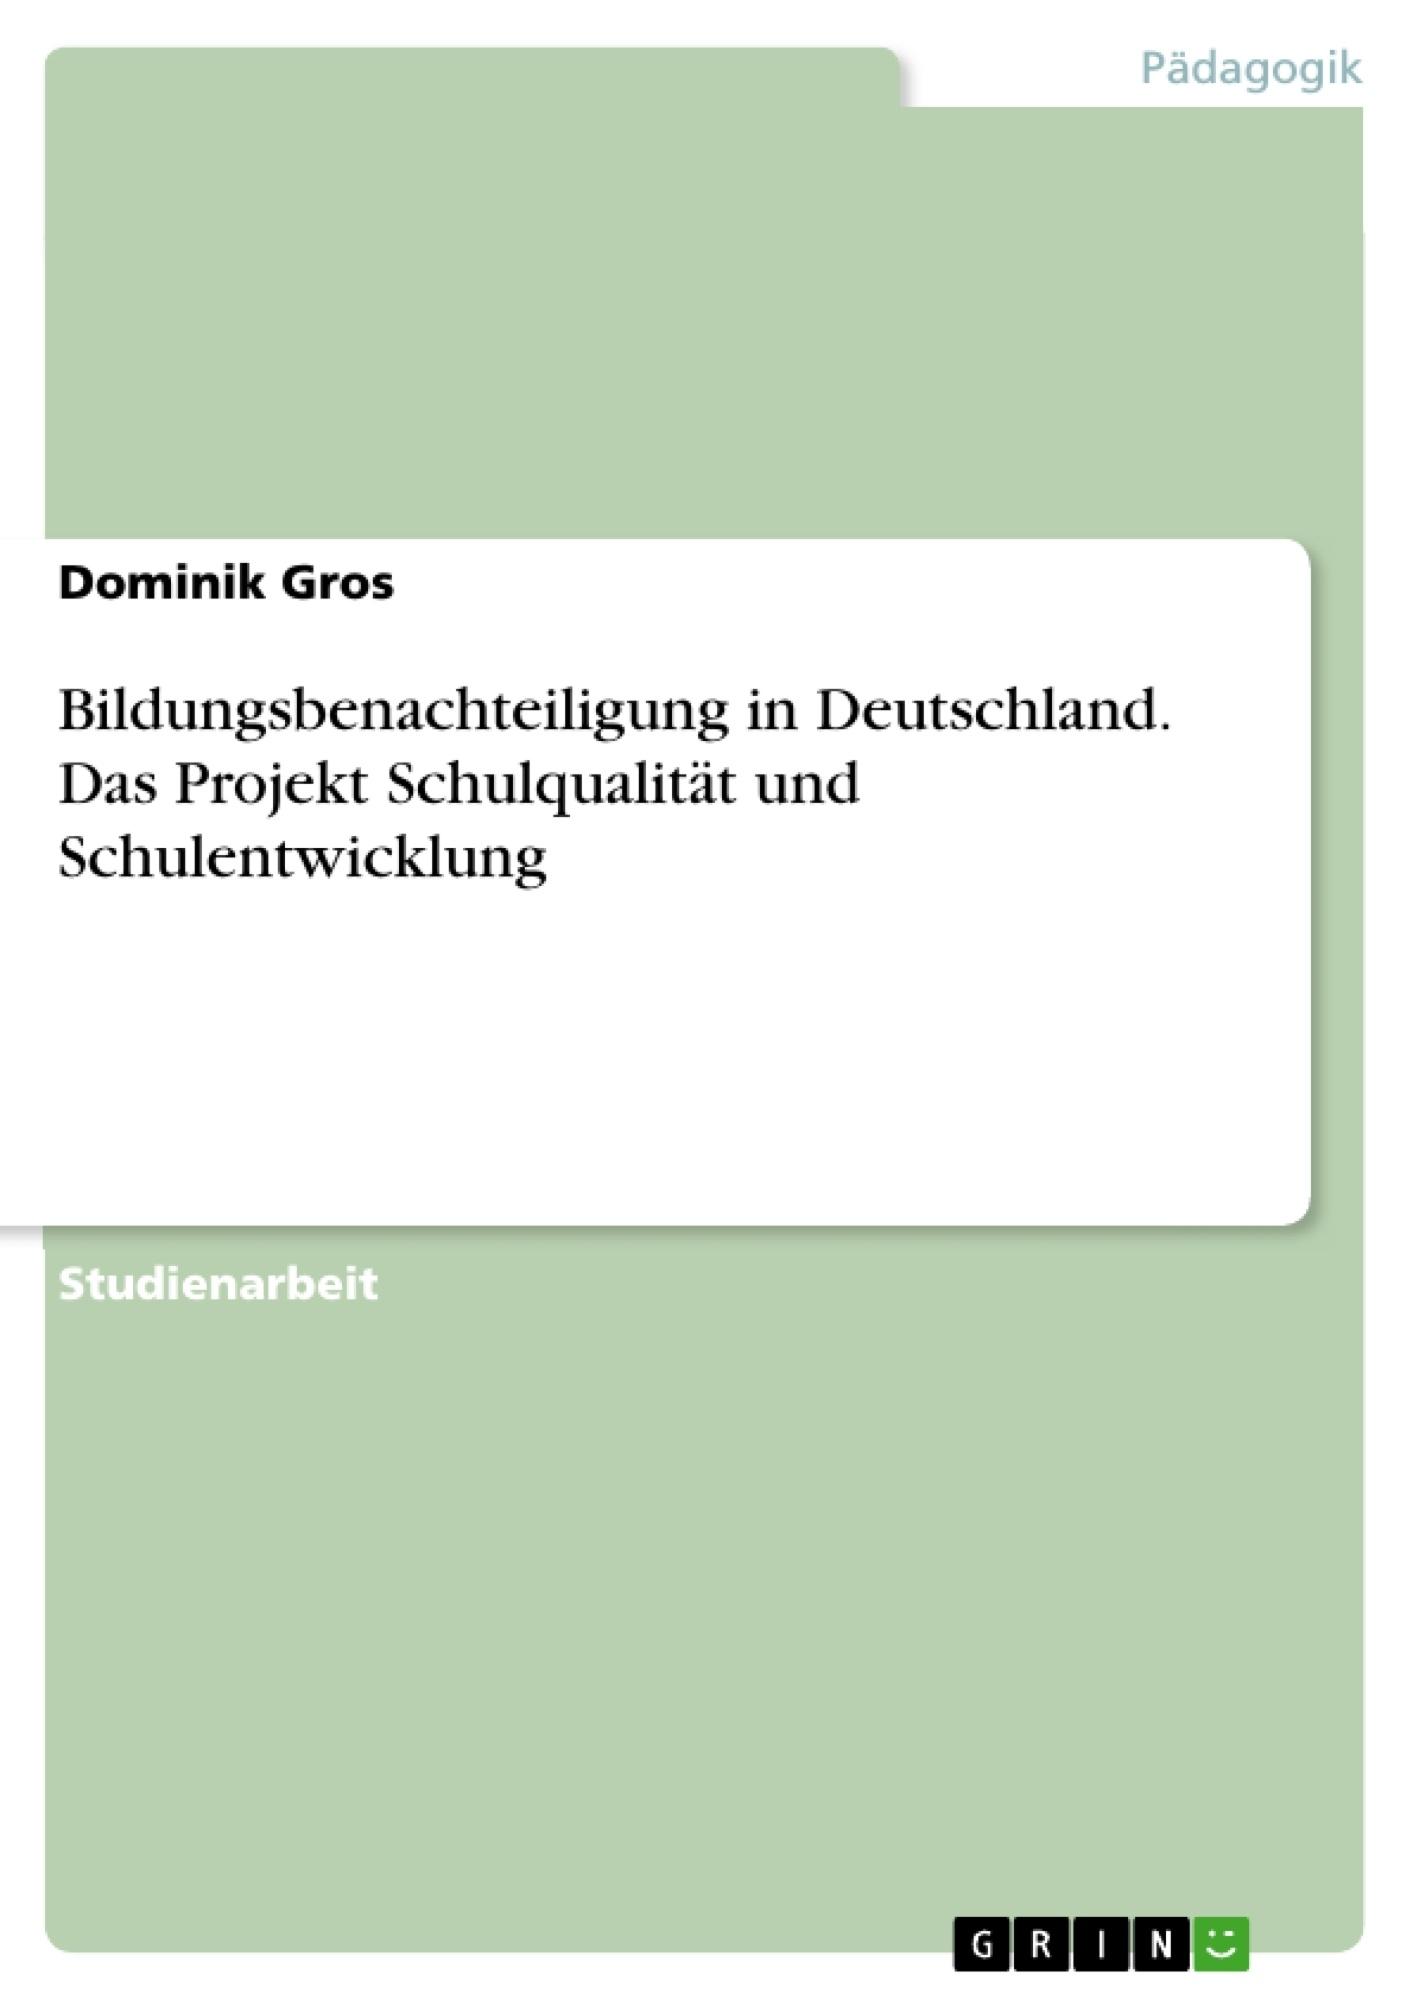 Titel: Bildungsbenachteiligung in Deutschland. Das Projekt Schulqualität und Schulentwicklung